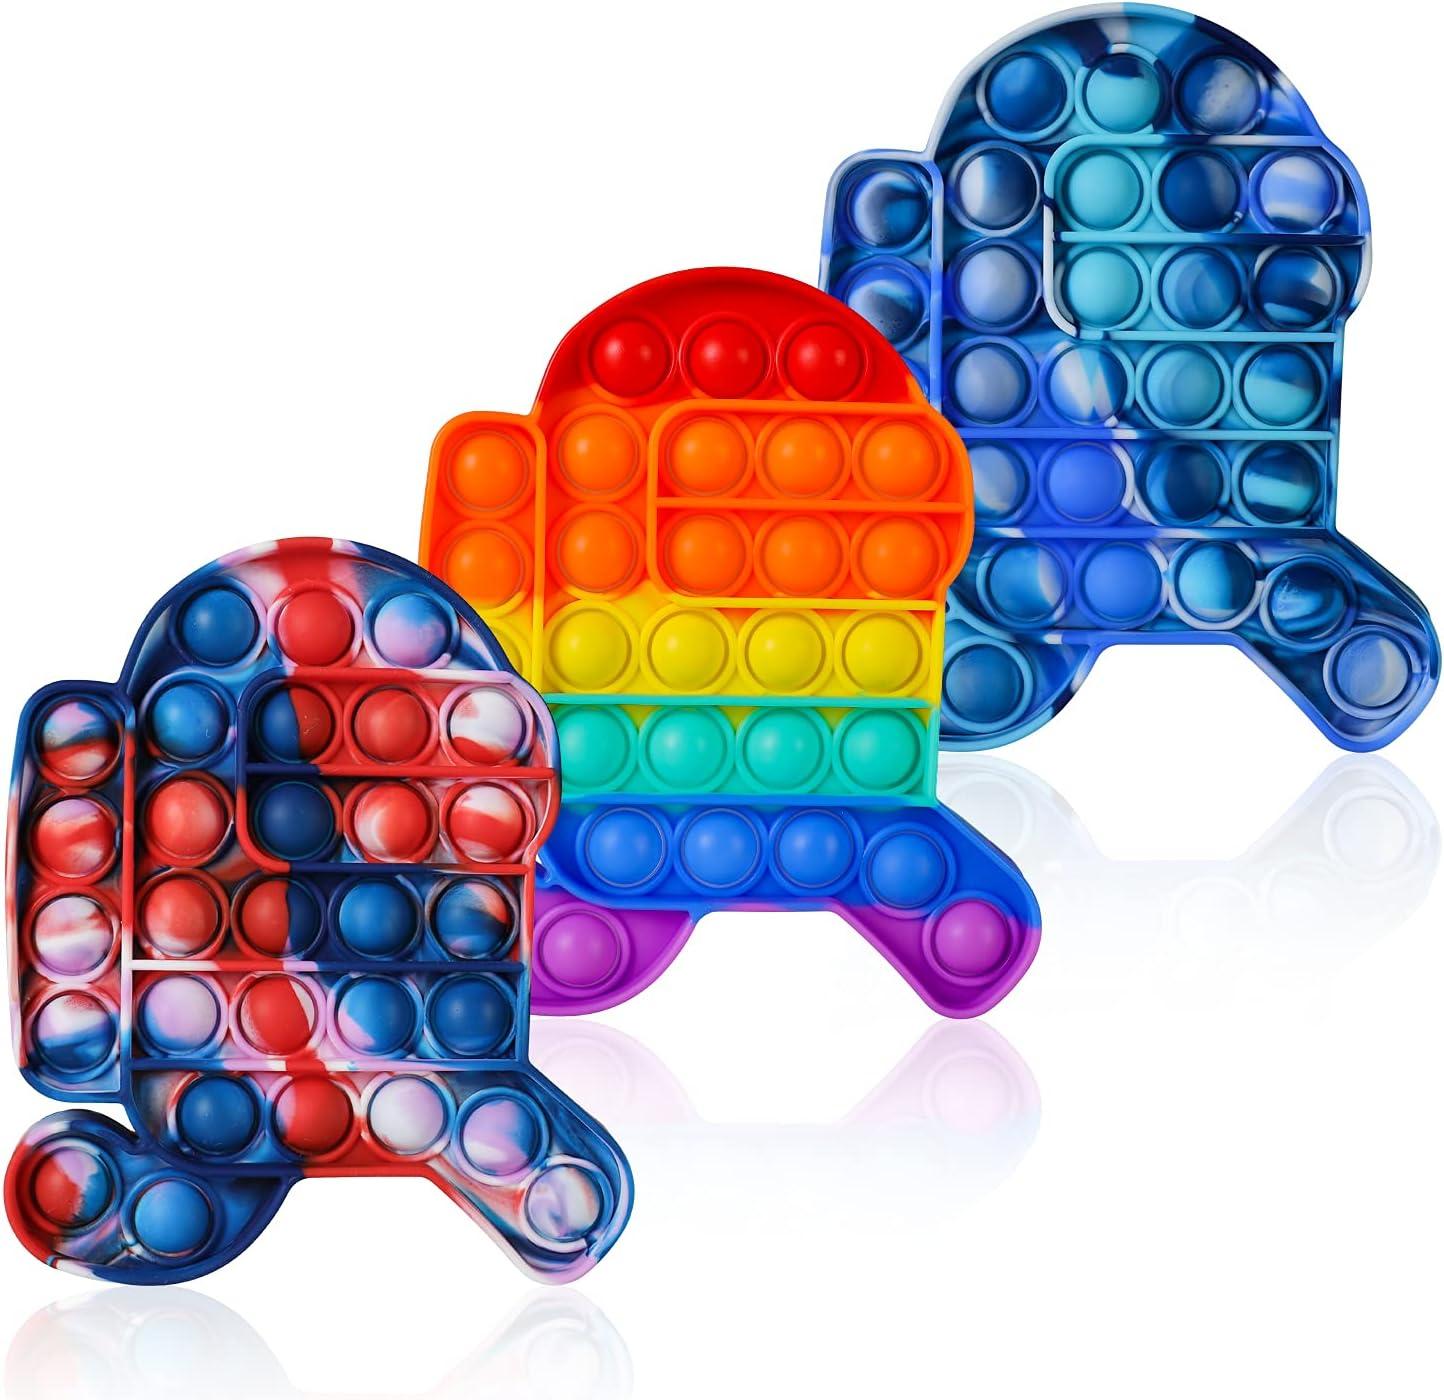 3 Pack Among Pop its it us Push Bubble Fidget Toys, LIMURU 3